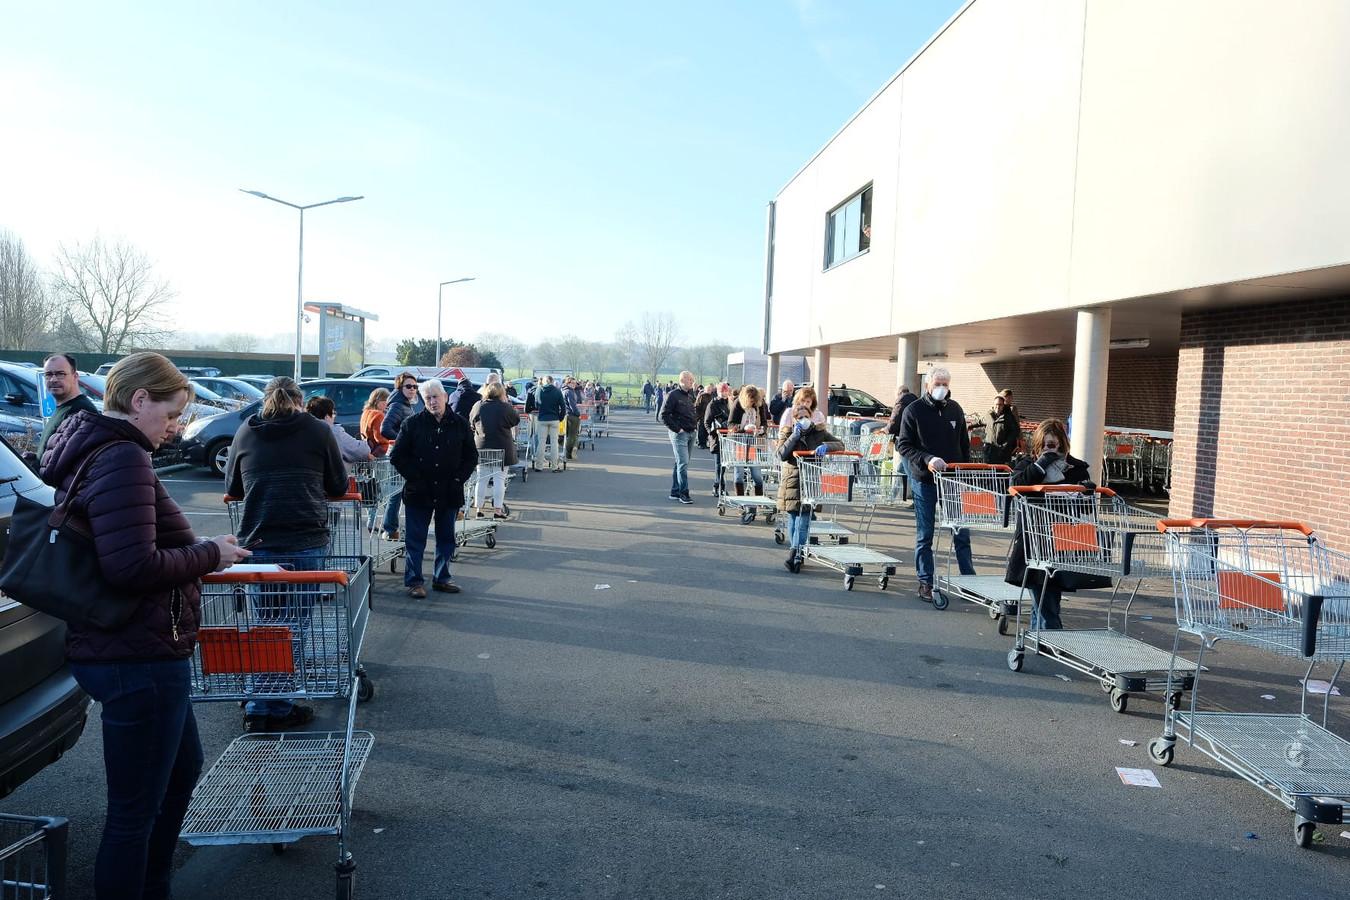 Mercredi matin, une longue file de clients devant le Colruyt de Nossegem